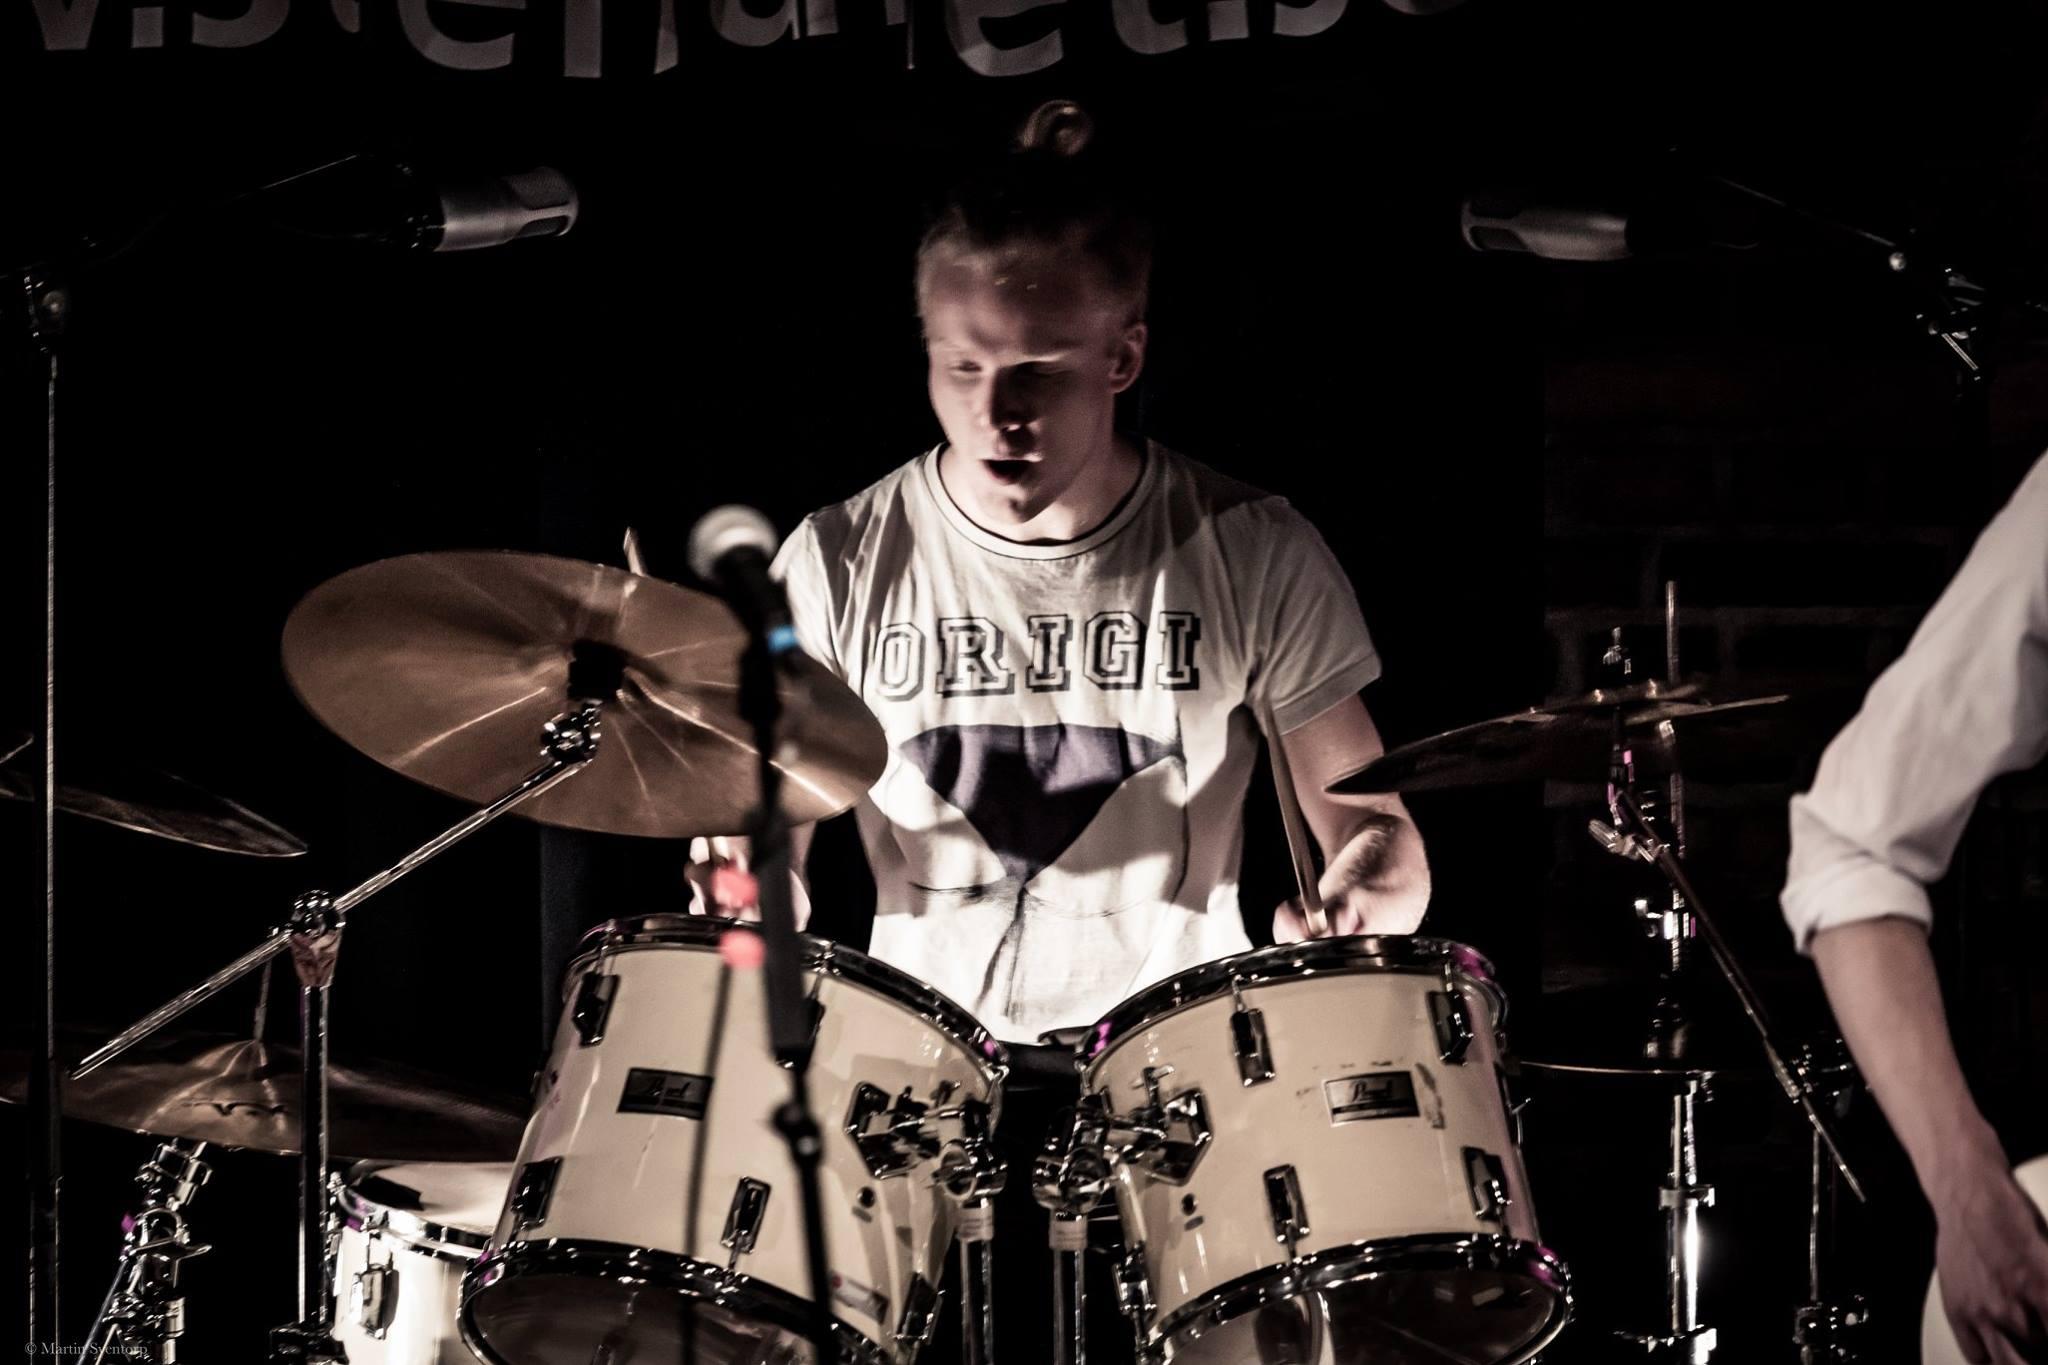 Bild på Taste Good's trummis Erik Jönsson. Bild tagen av Martin Sventorp.